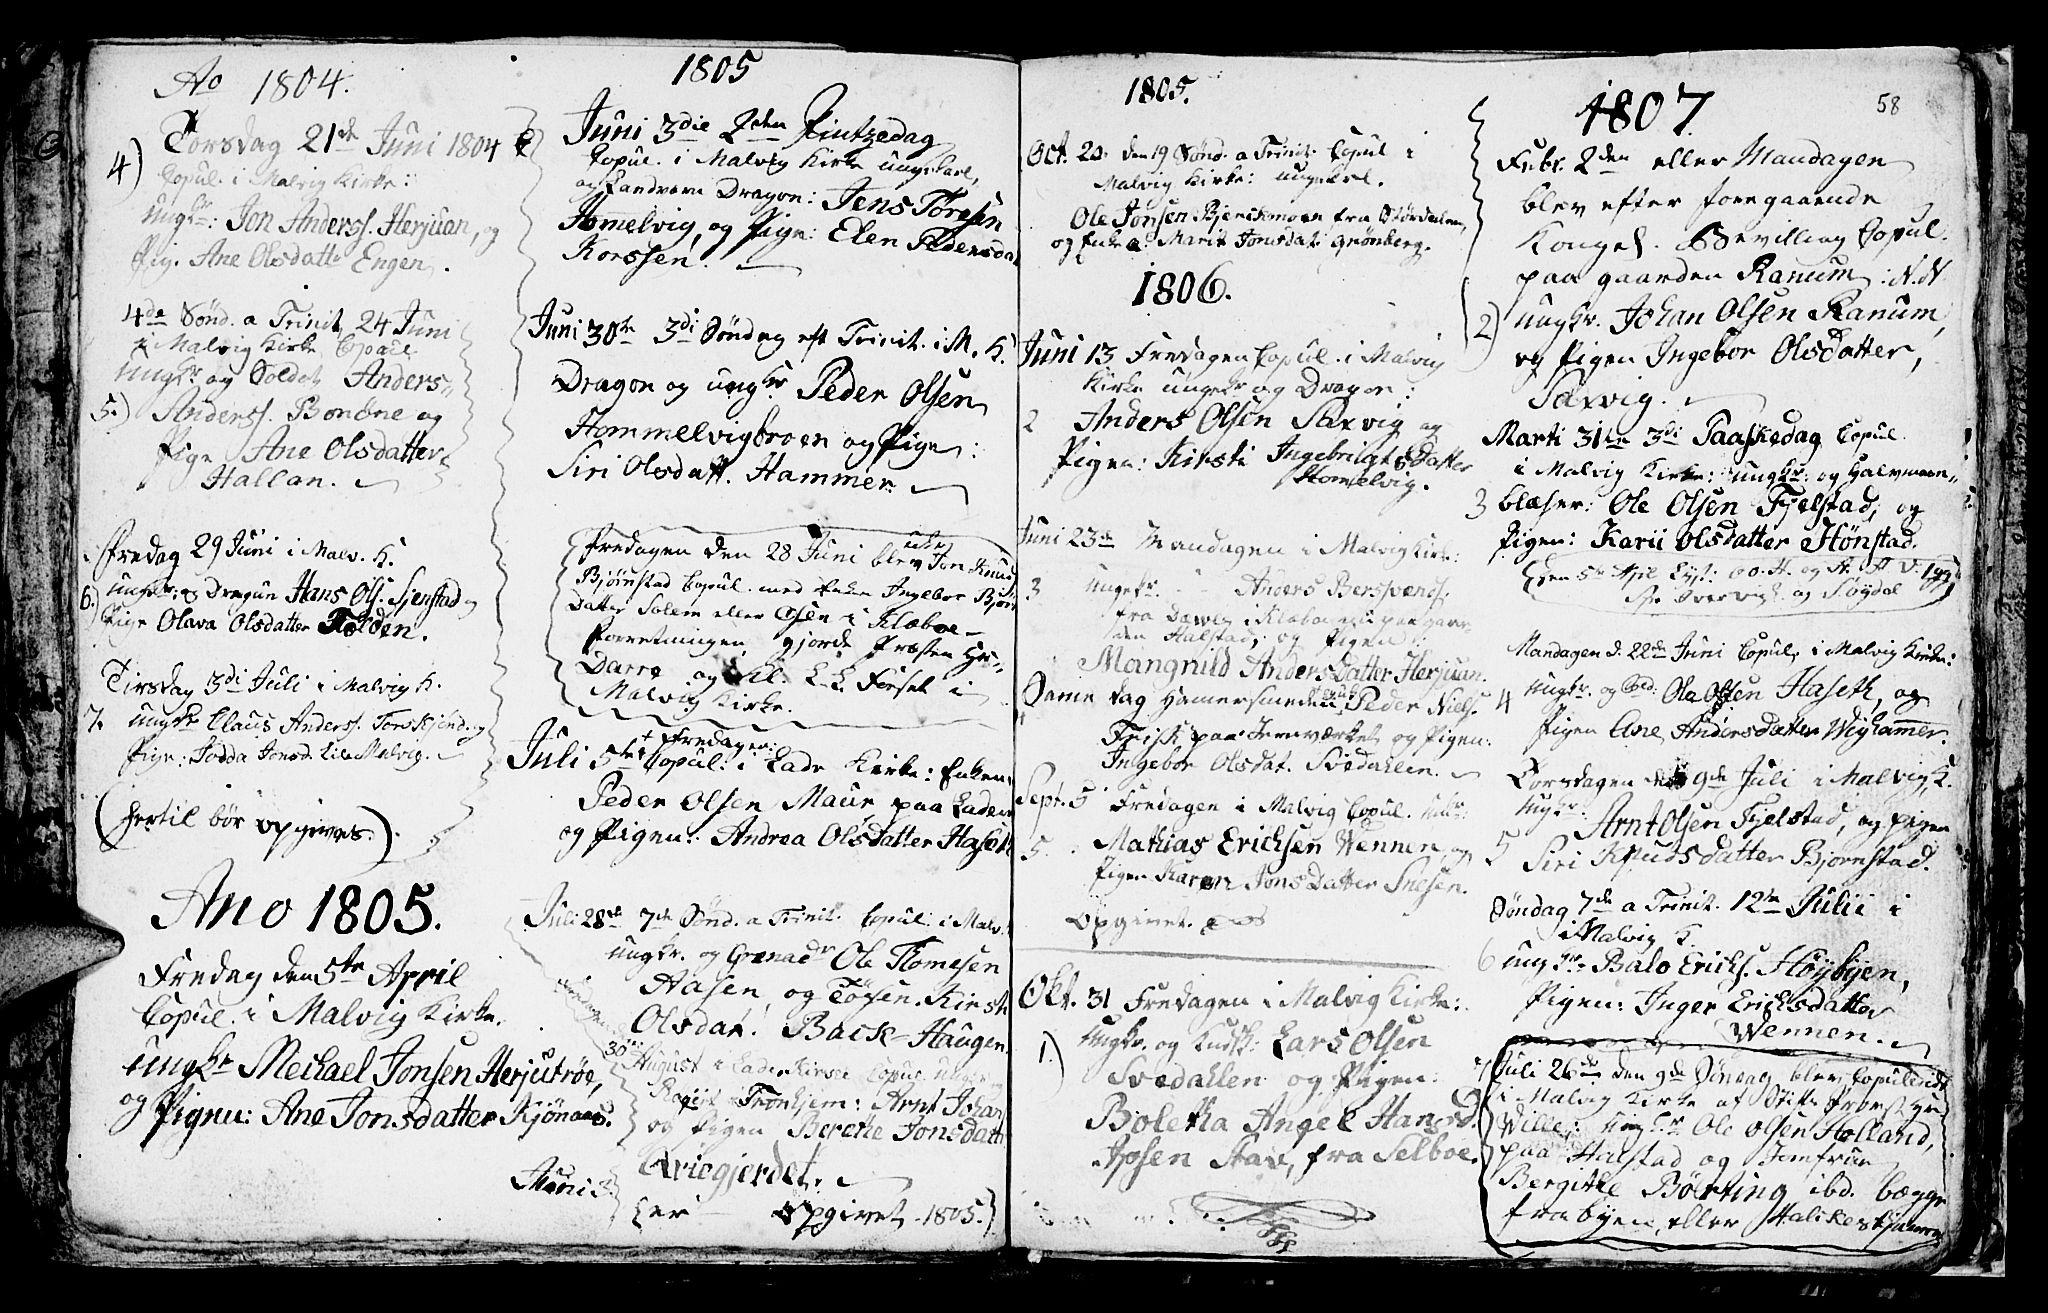 SAT, Ministerialprotokoller, klokkerbøker og fødselsregistre - Sør-Trøndelag, 616/L0419: Klokkerbok nr. 616C02, 1797-1816, s. 58